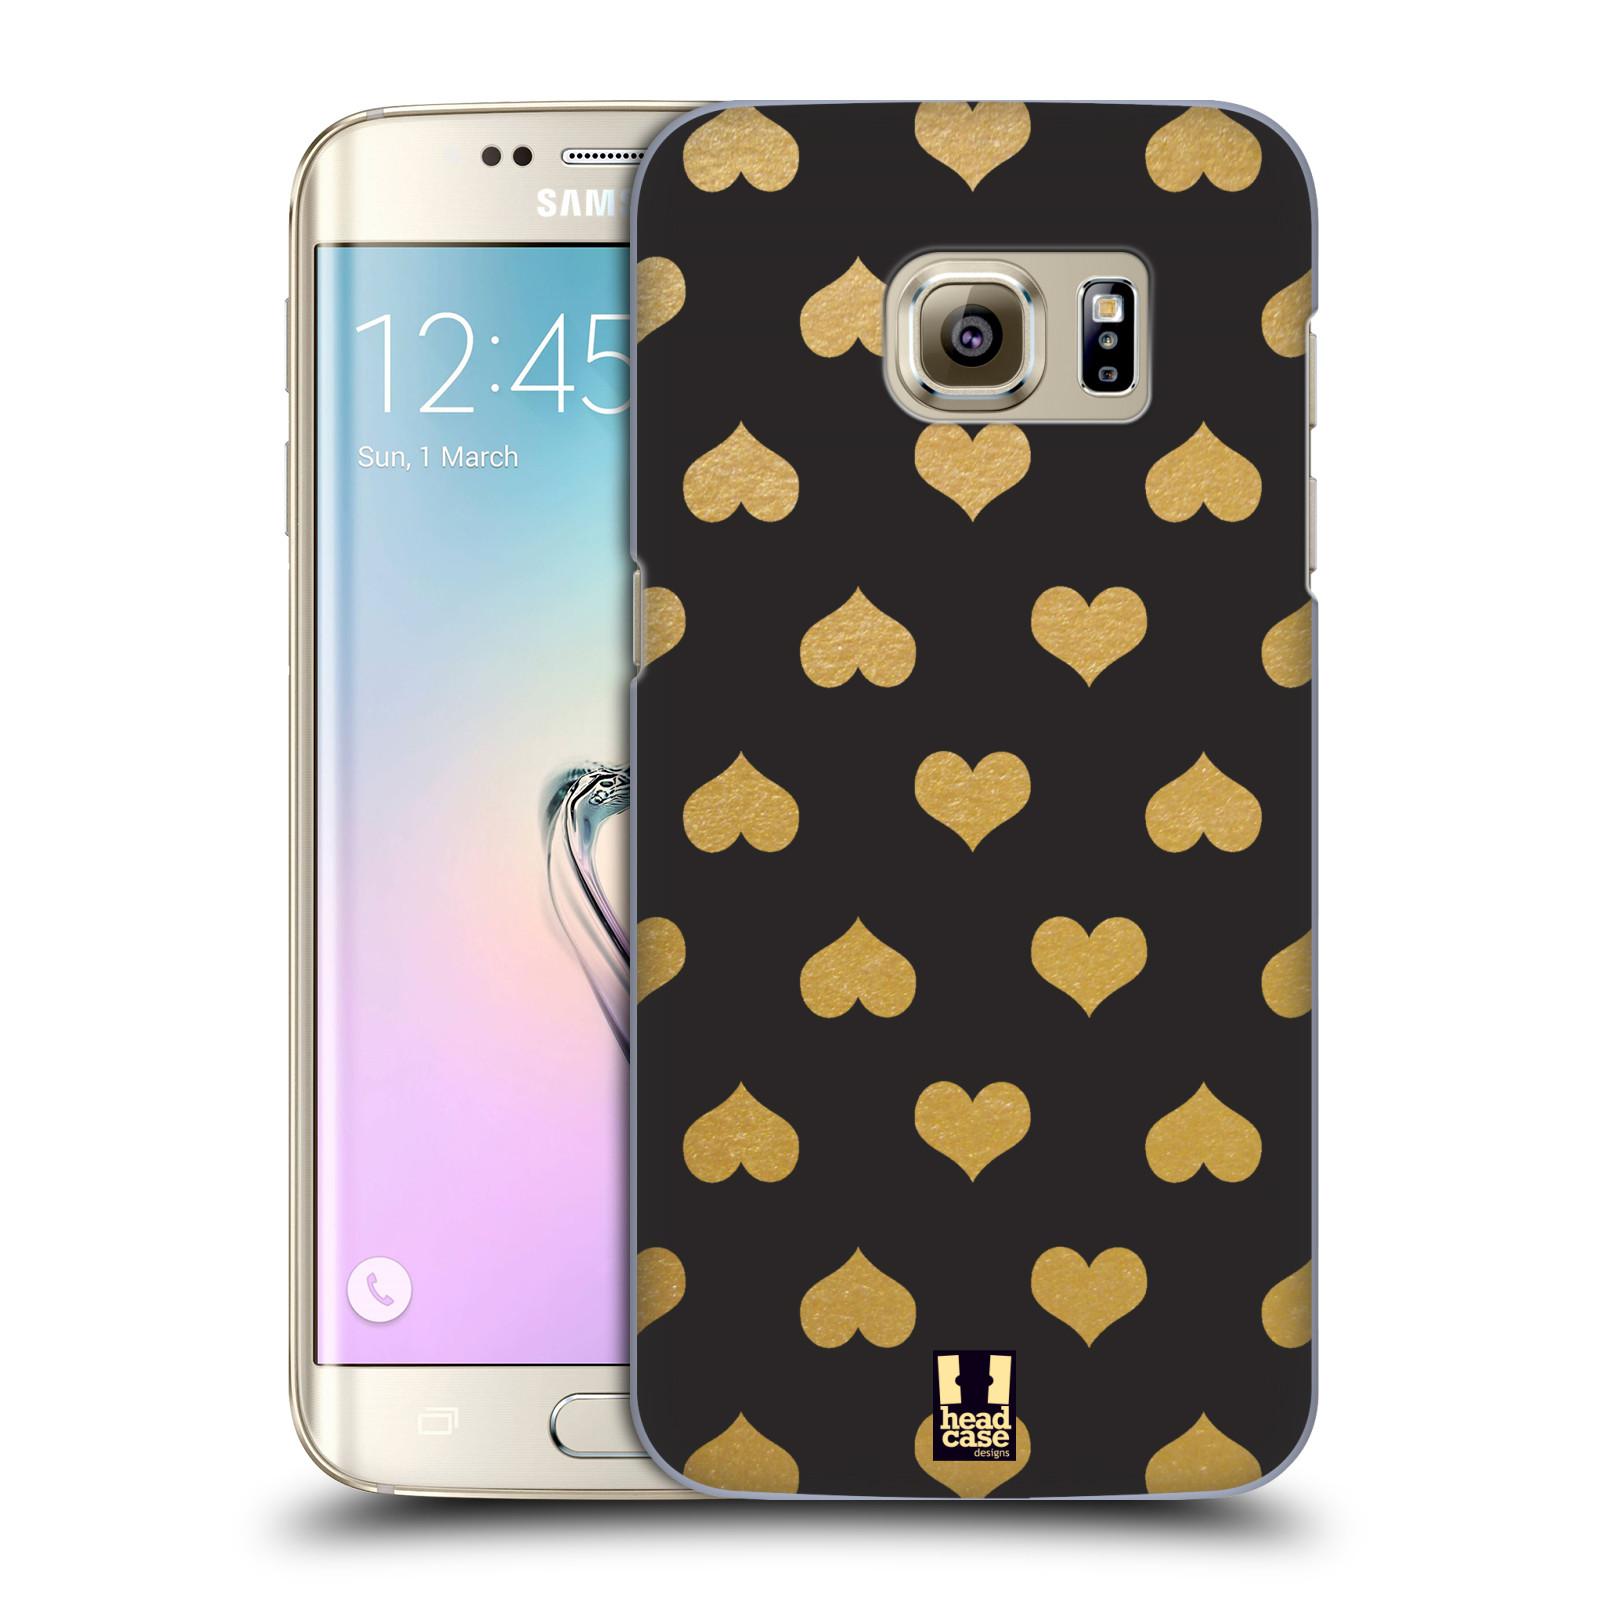 Plastové pouzdro na mobil Samsung Galaxy S7 Edge HEAD CASE ZLATÁ SRDÍČKA (Kryt či obal na mobilní telefon Samsung Galaxy S7 Edge SM-G935F)